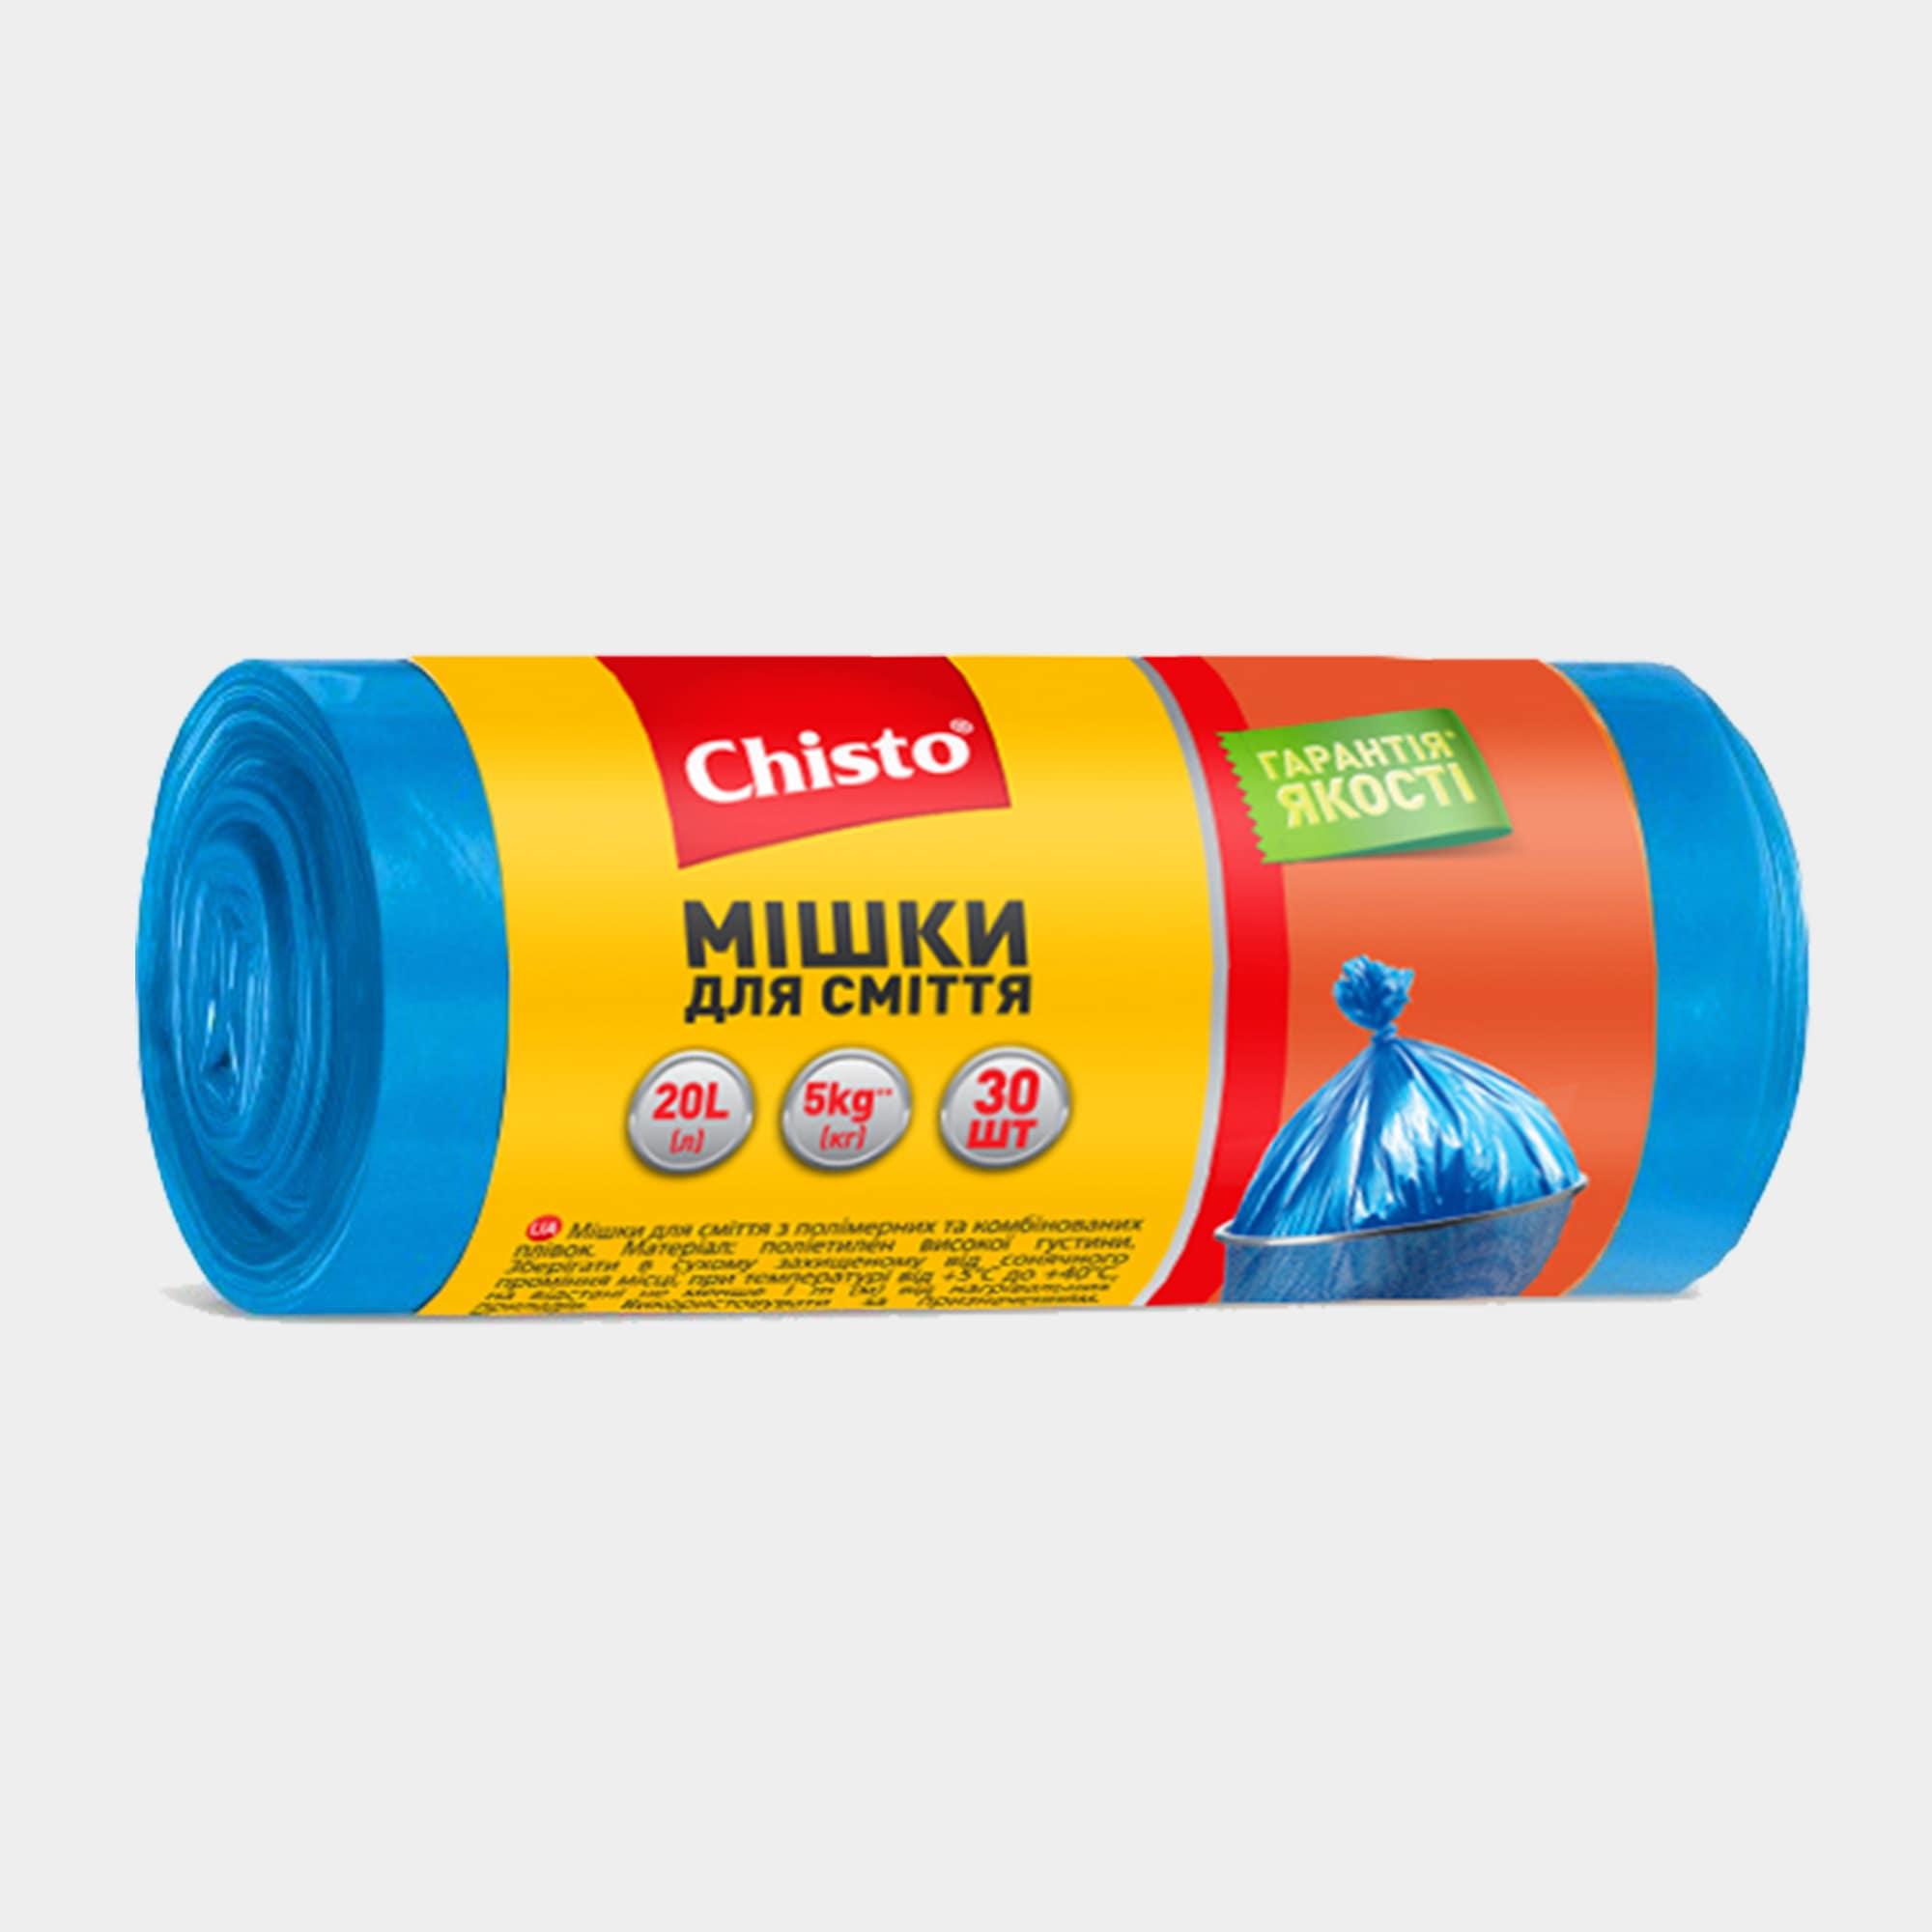 Мешки для мусора, 20л х 30шт. | Продукция TM Chisto